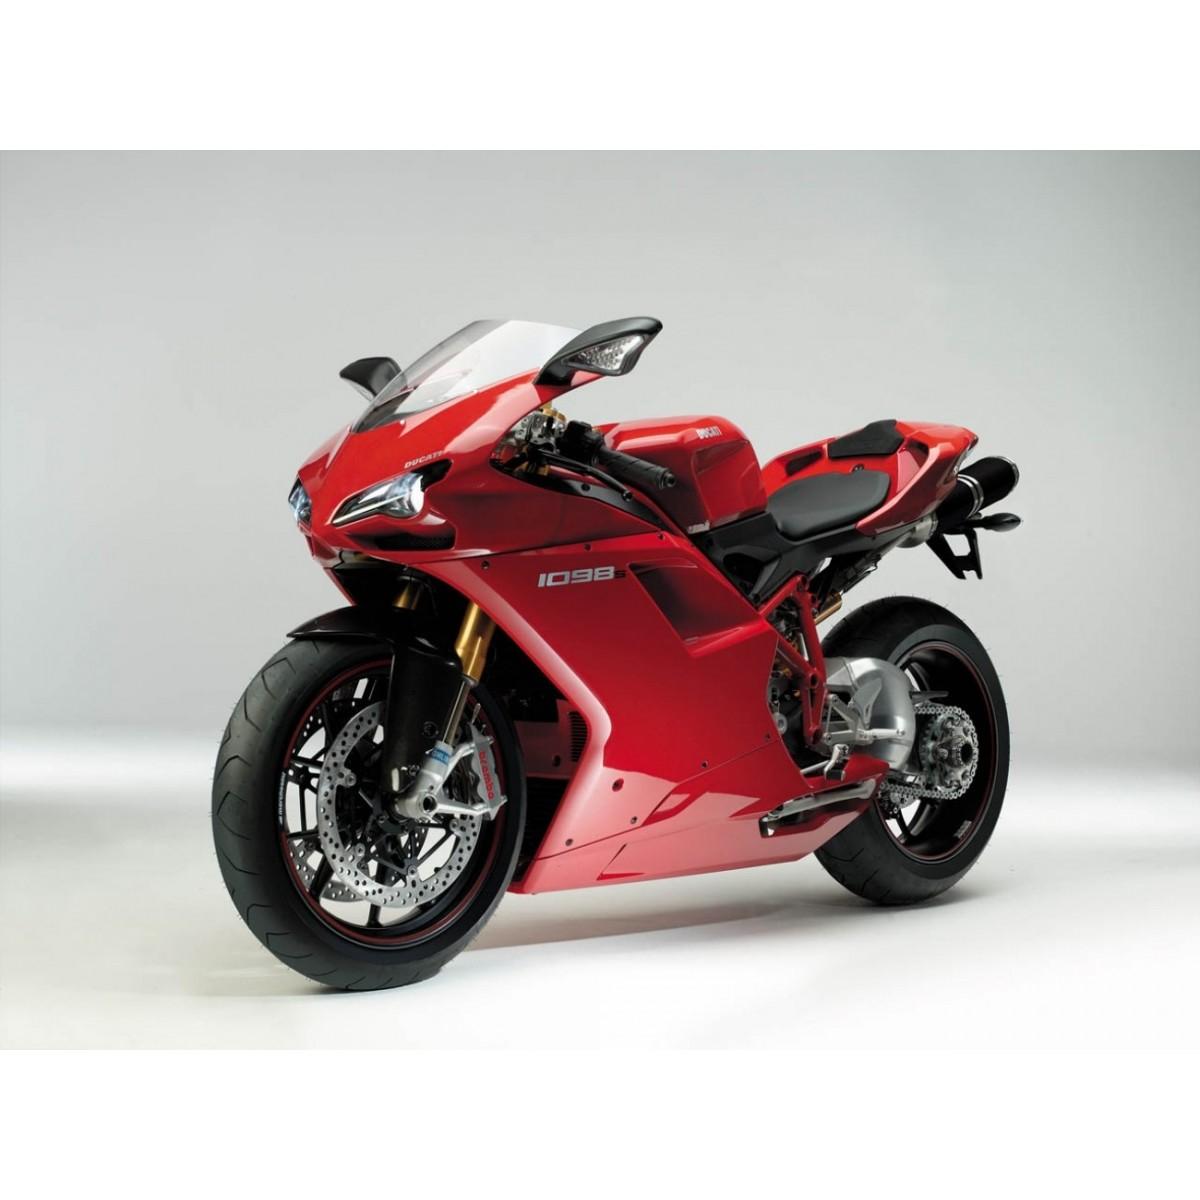 Kit Adesivos Ducati 1098s Vermelha Decalx